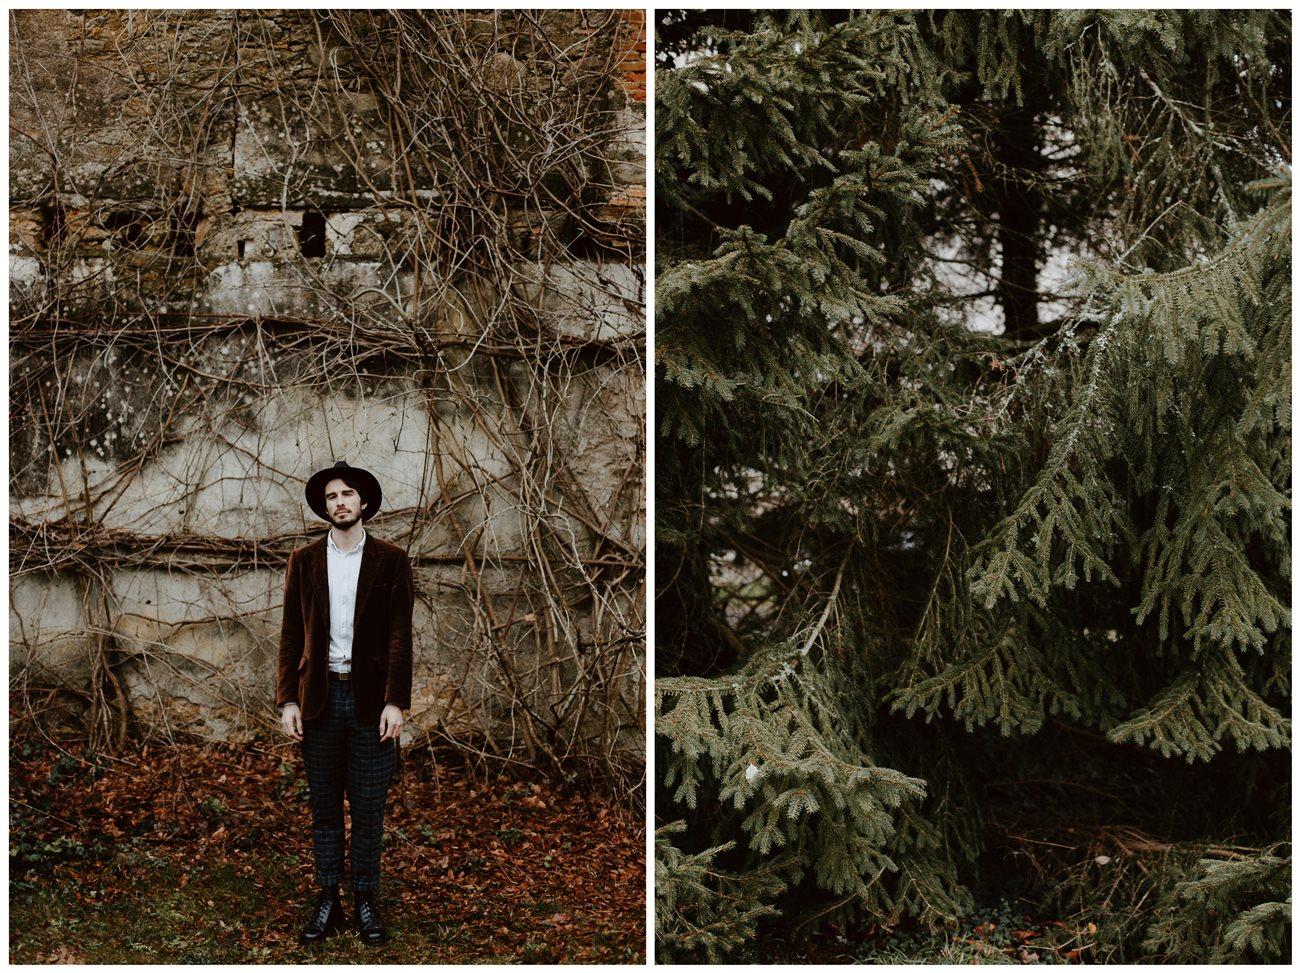 mariage folk préparation marié chapeau portrait végétation